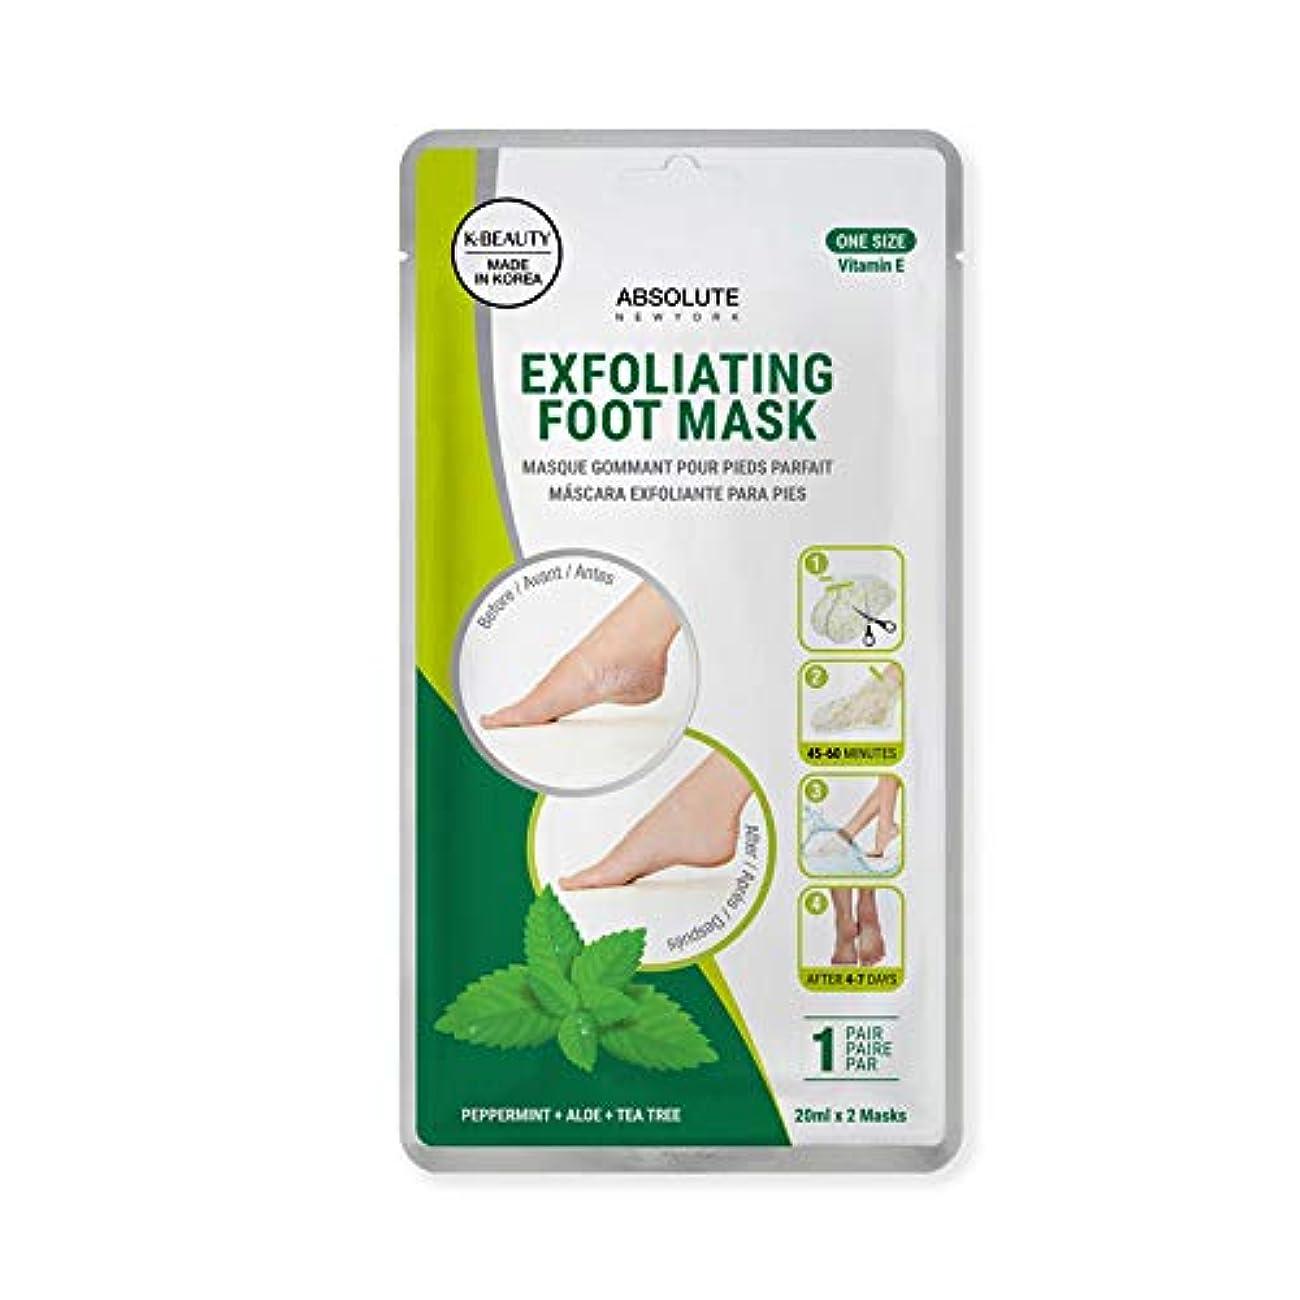 軽蔑する斧範囲(3 Pack) ABSOLUTE Exfoliating Foot Mask - Peppermint + Aloe + Tea Tree (並行輸入品)